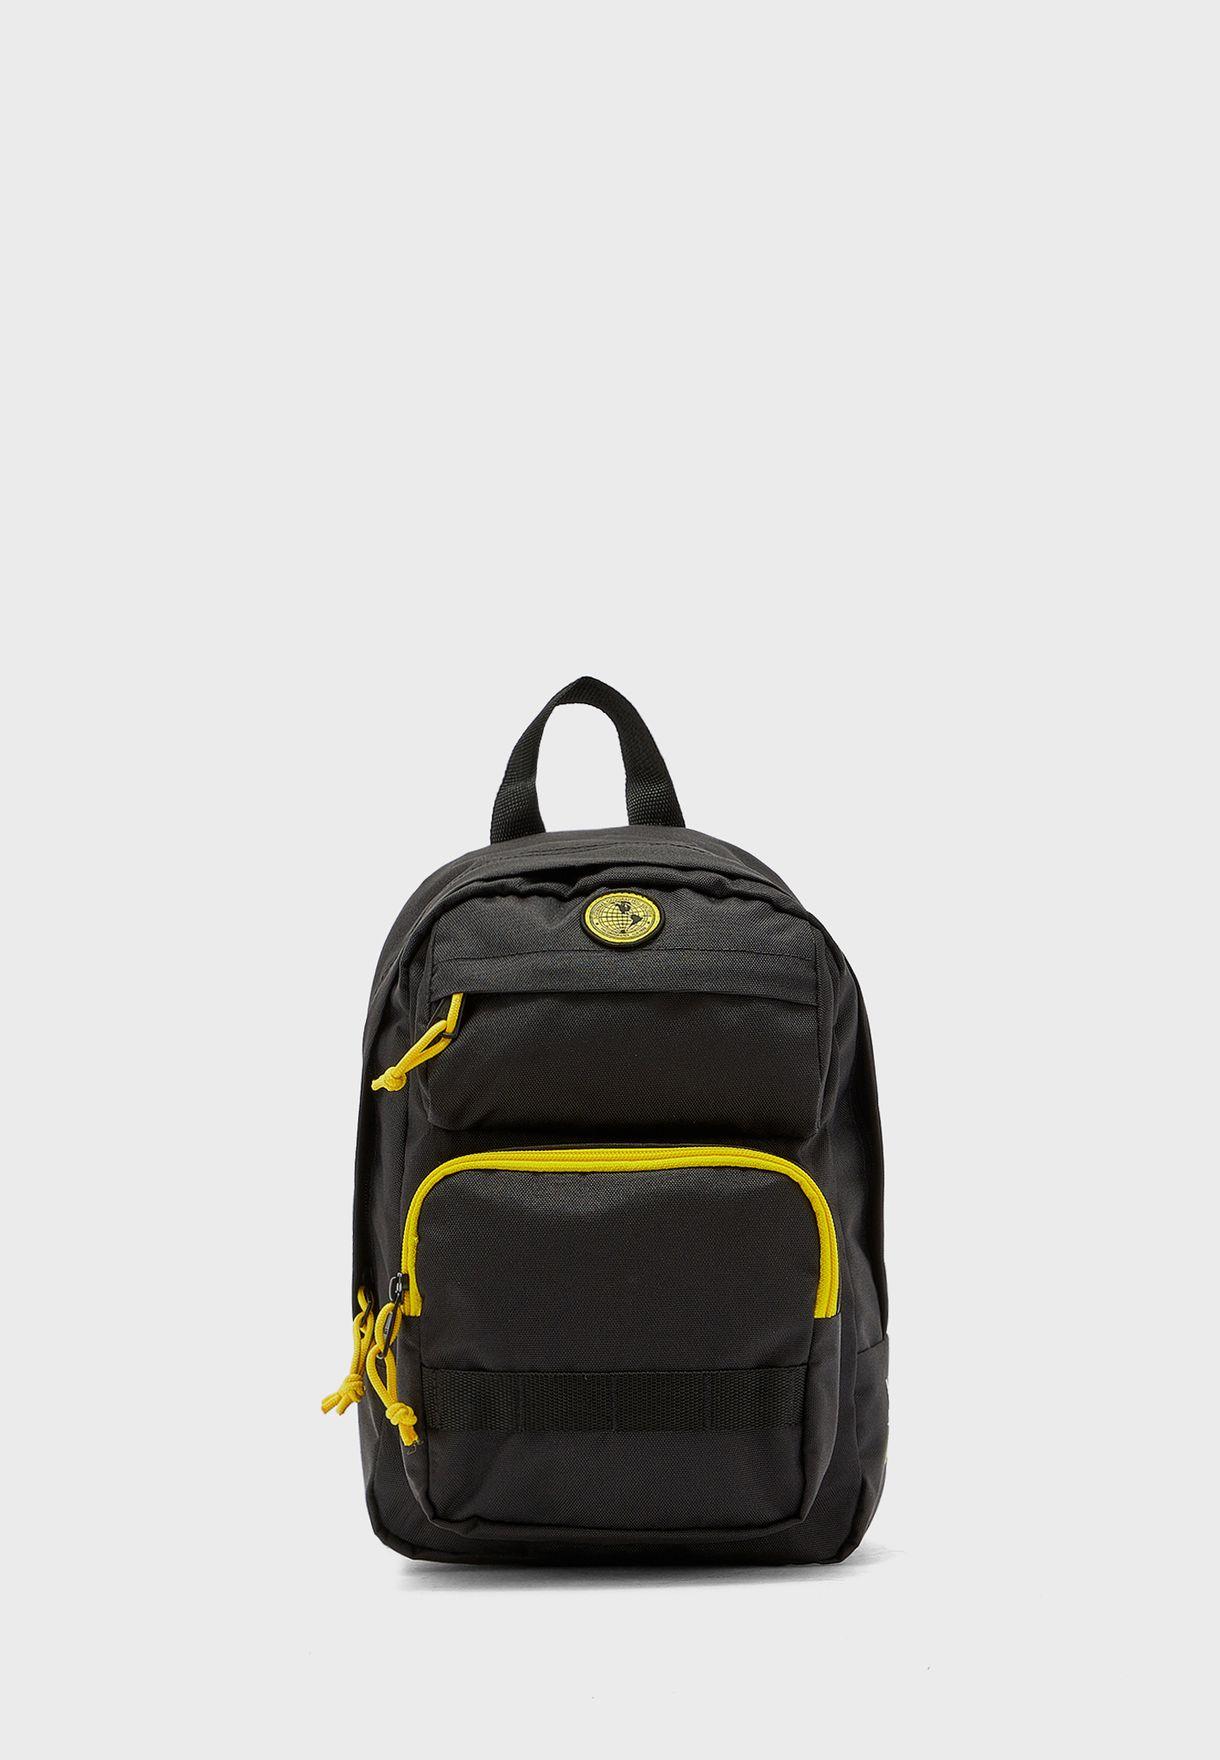 Nat Geo Backpack